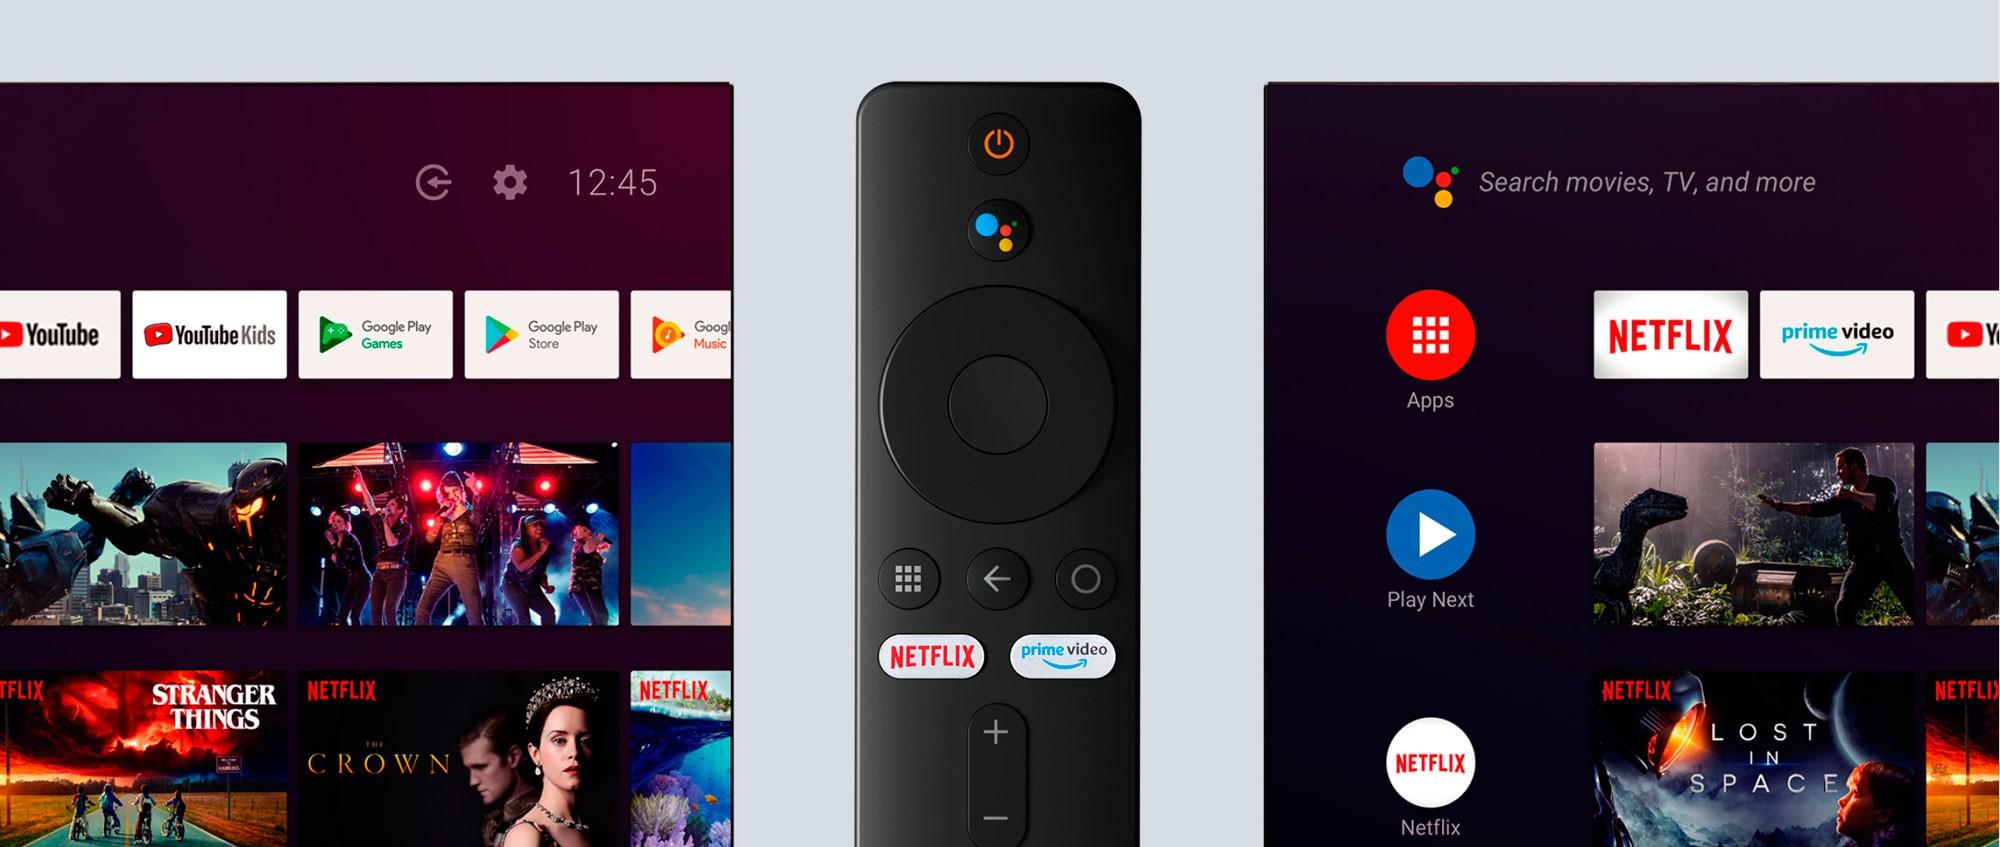 Xiaomi Mi Box S 4K Android TV 9.0 - CONTROLE NOVO 2020 + Teclado LED